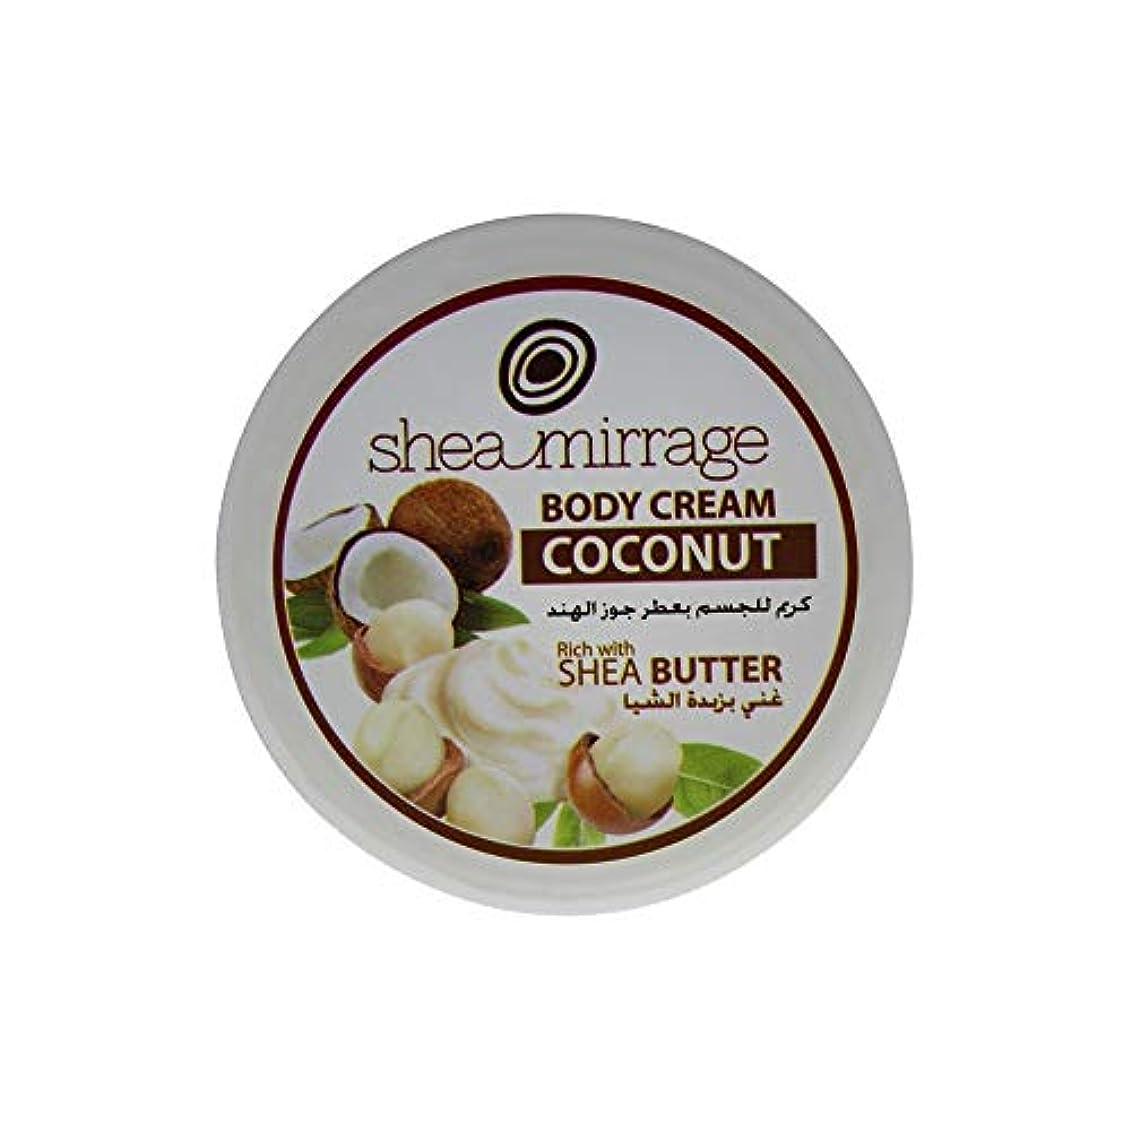 泥沼ご覧ください羊のBody Cream Coconut